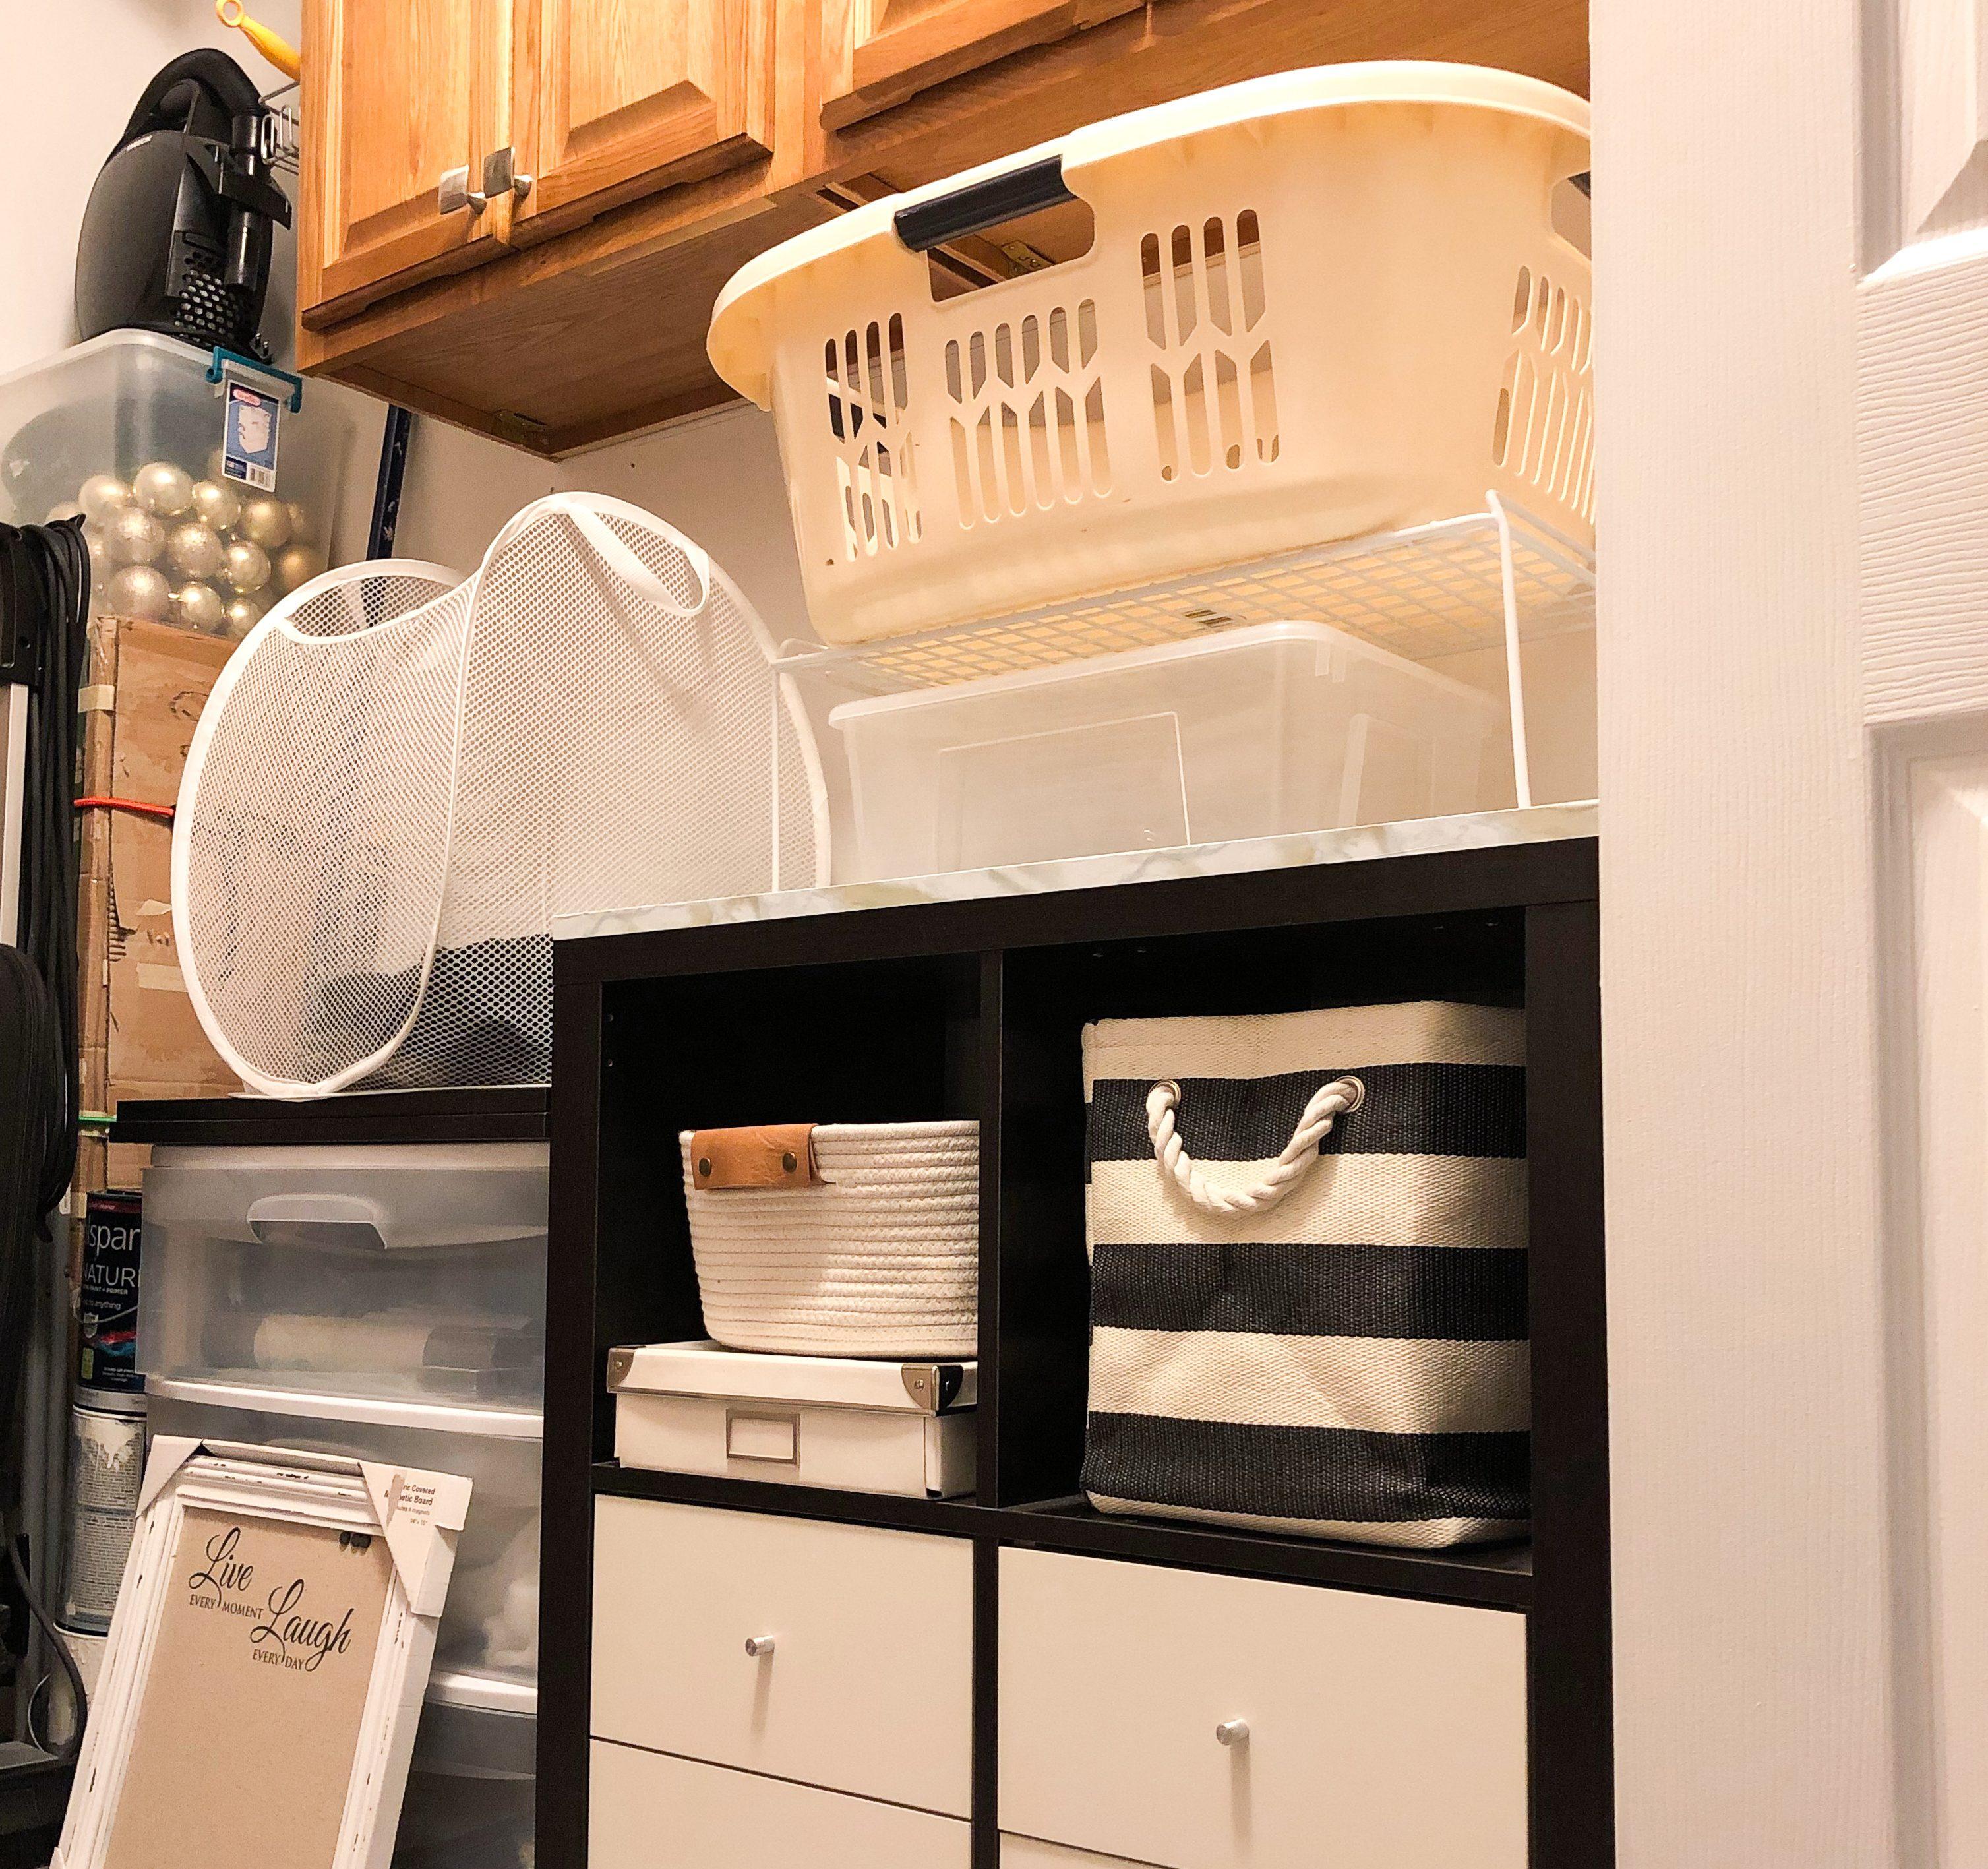 House Tour // Storage Spaces